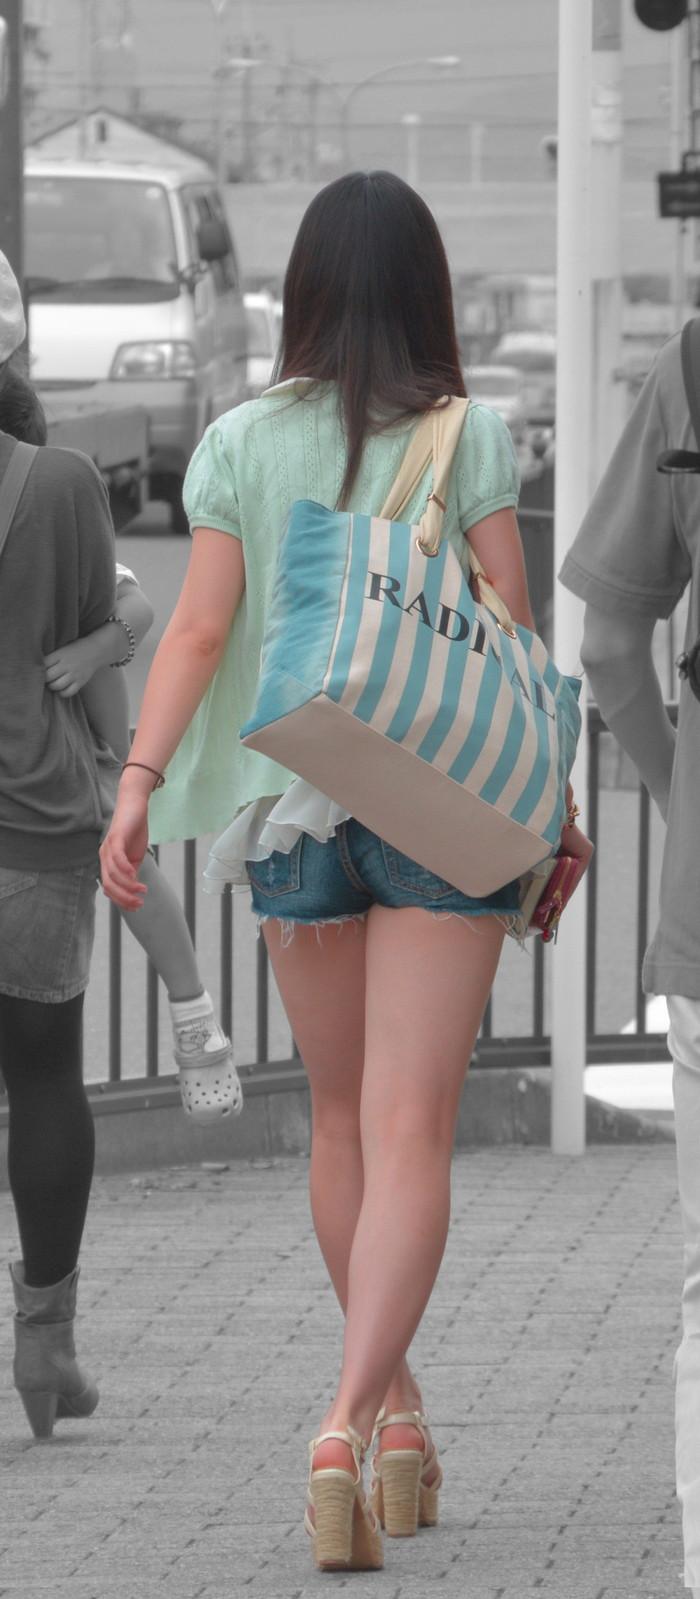 【ホットパンツエロ画像】街中を歩くホットパンツのお姉さんに思わず興奮してしまう! 08